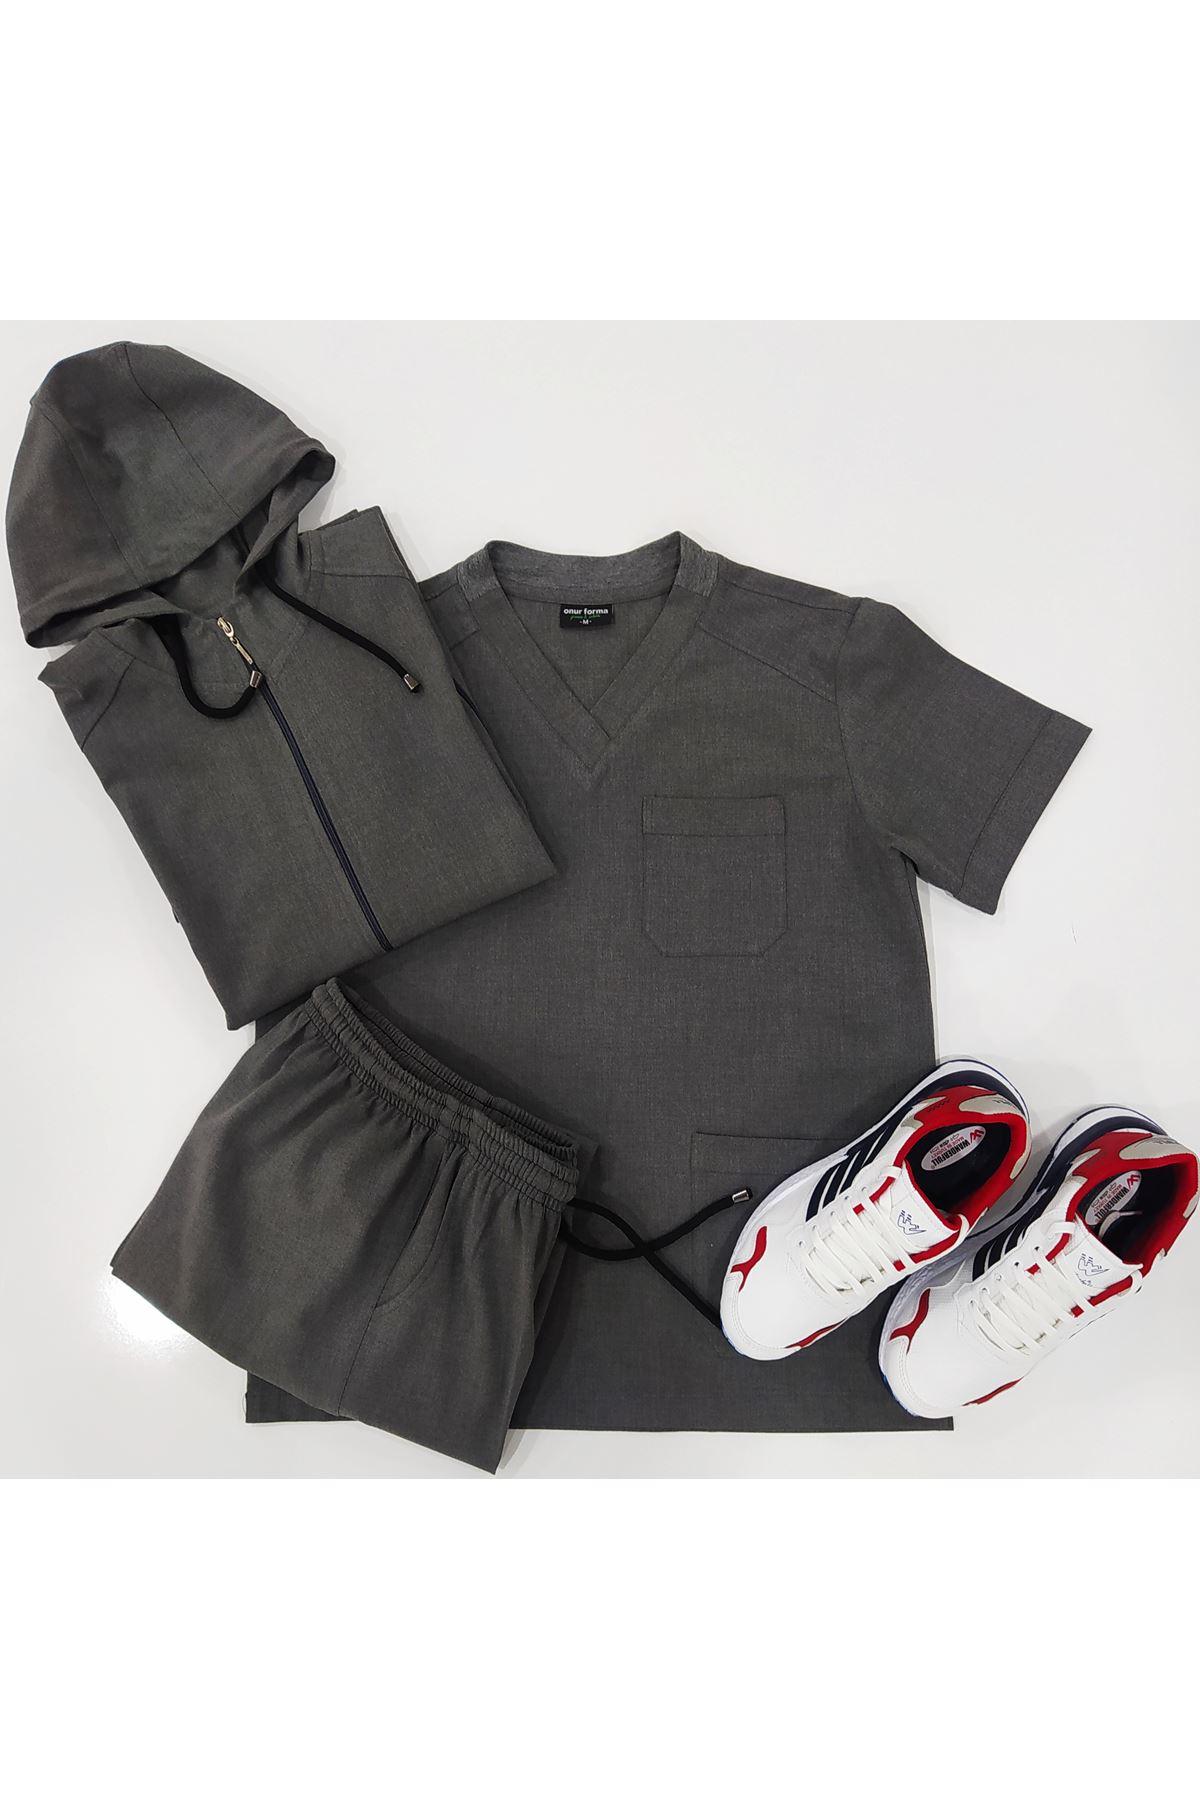 Erkek 4 parça kapşon forma pantolon ve ayakkabı.Santana likralı kumaş.